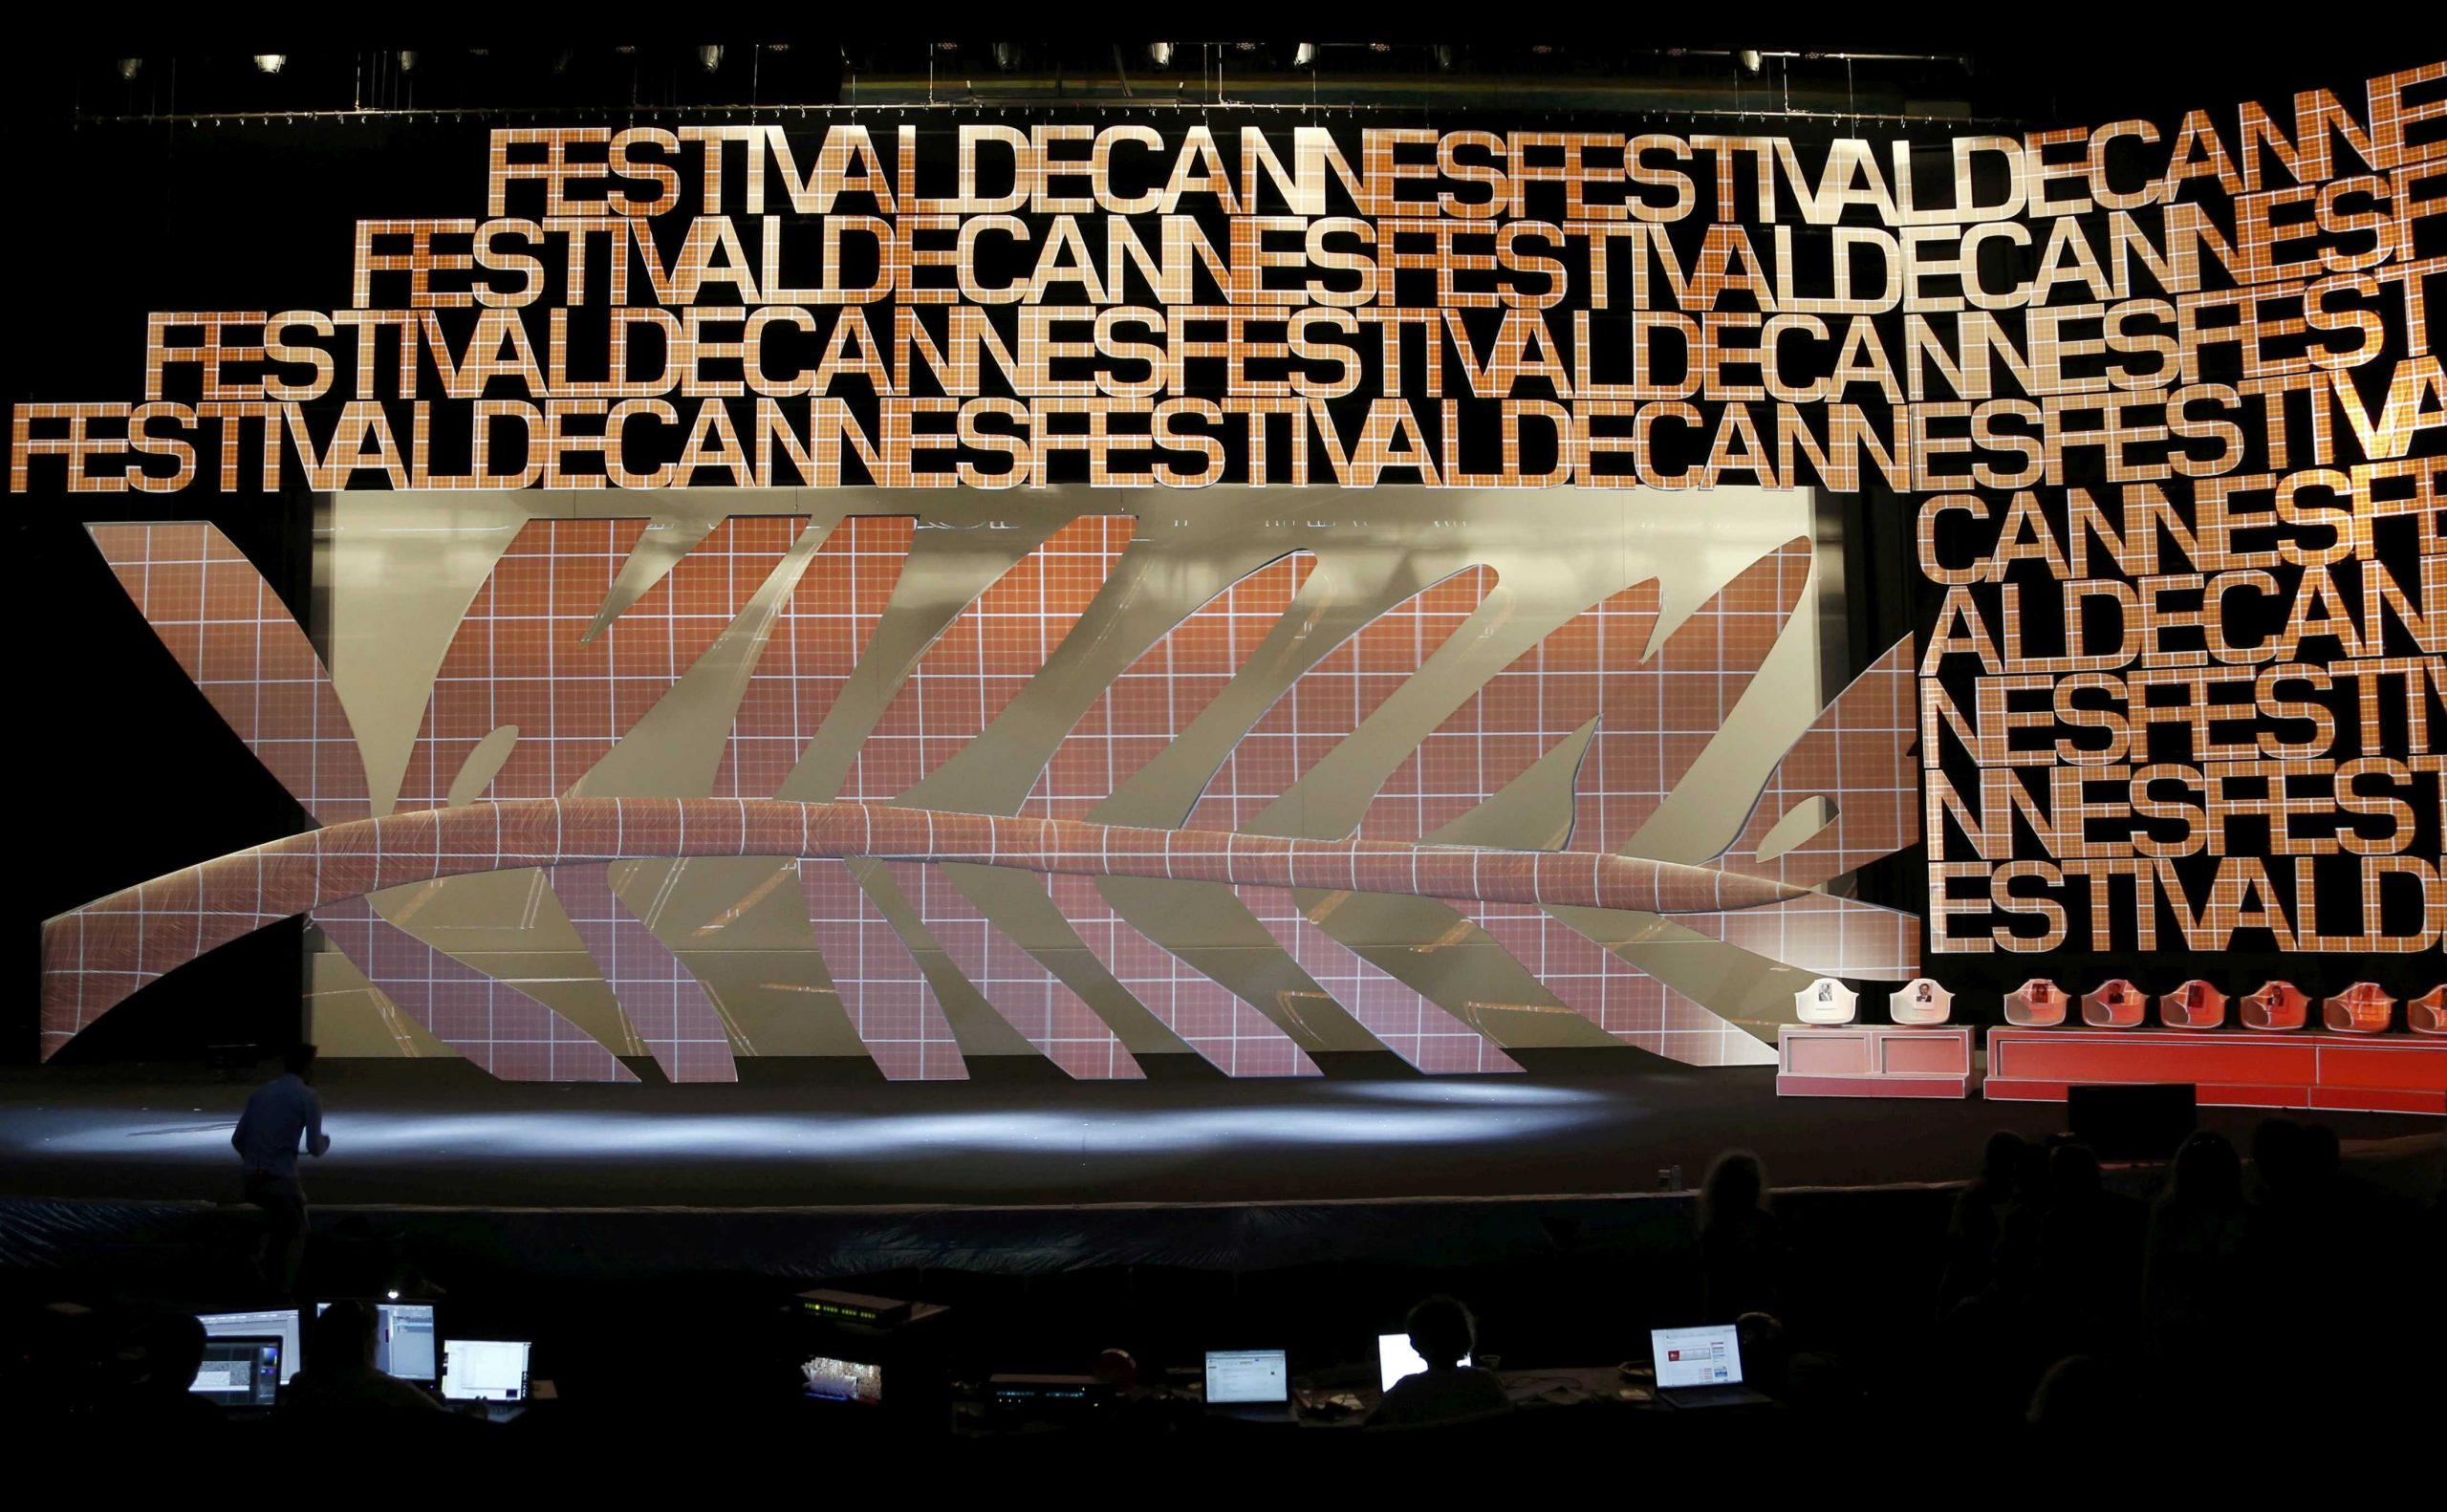 Каннский кинофестиваль в 2020 году окончательно отменен